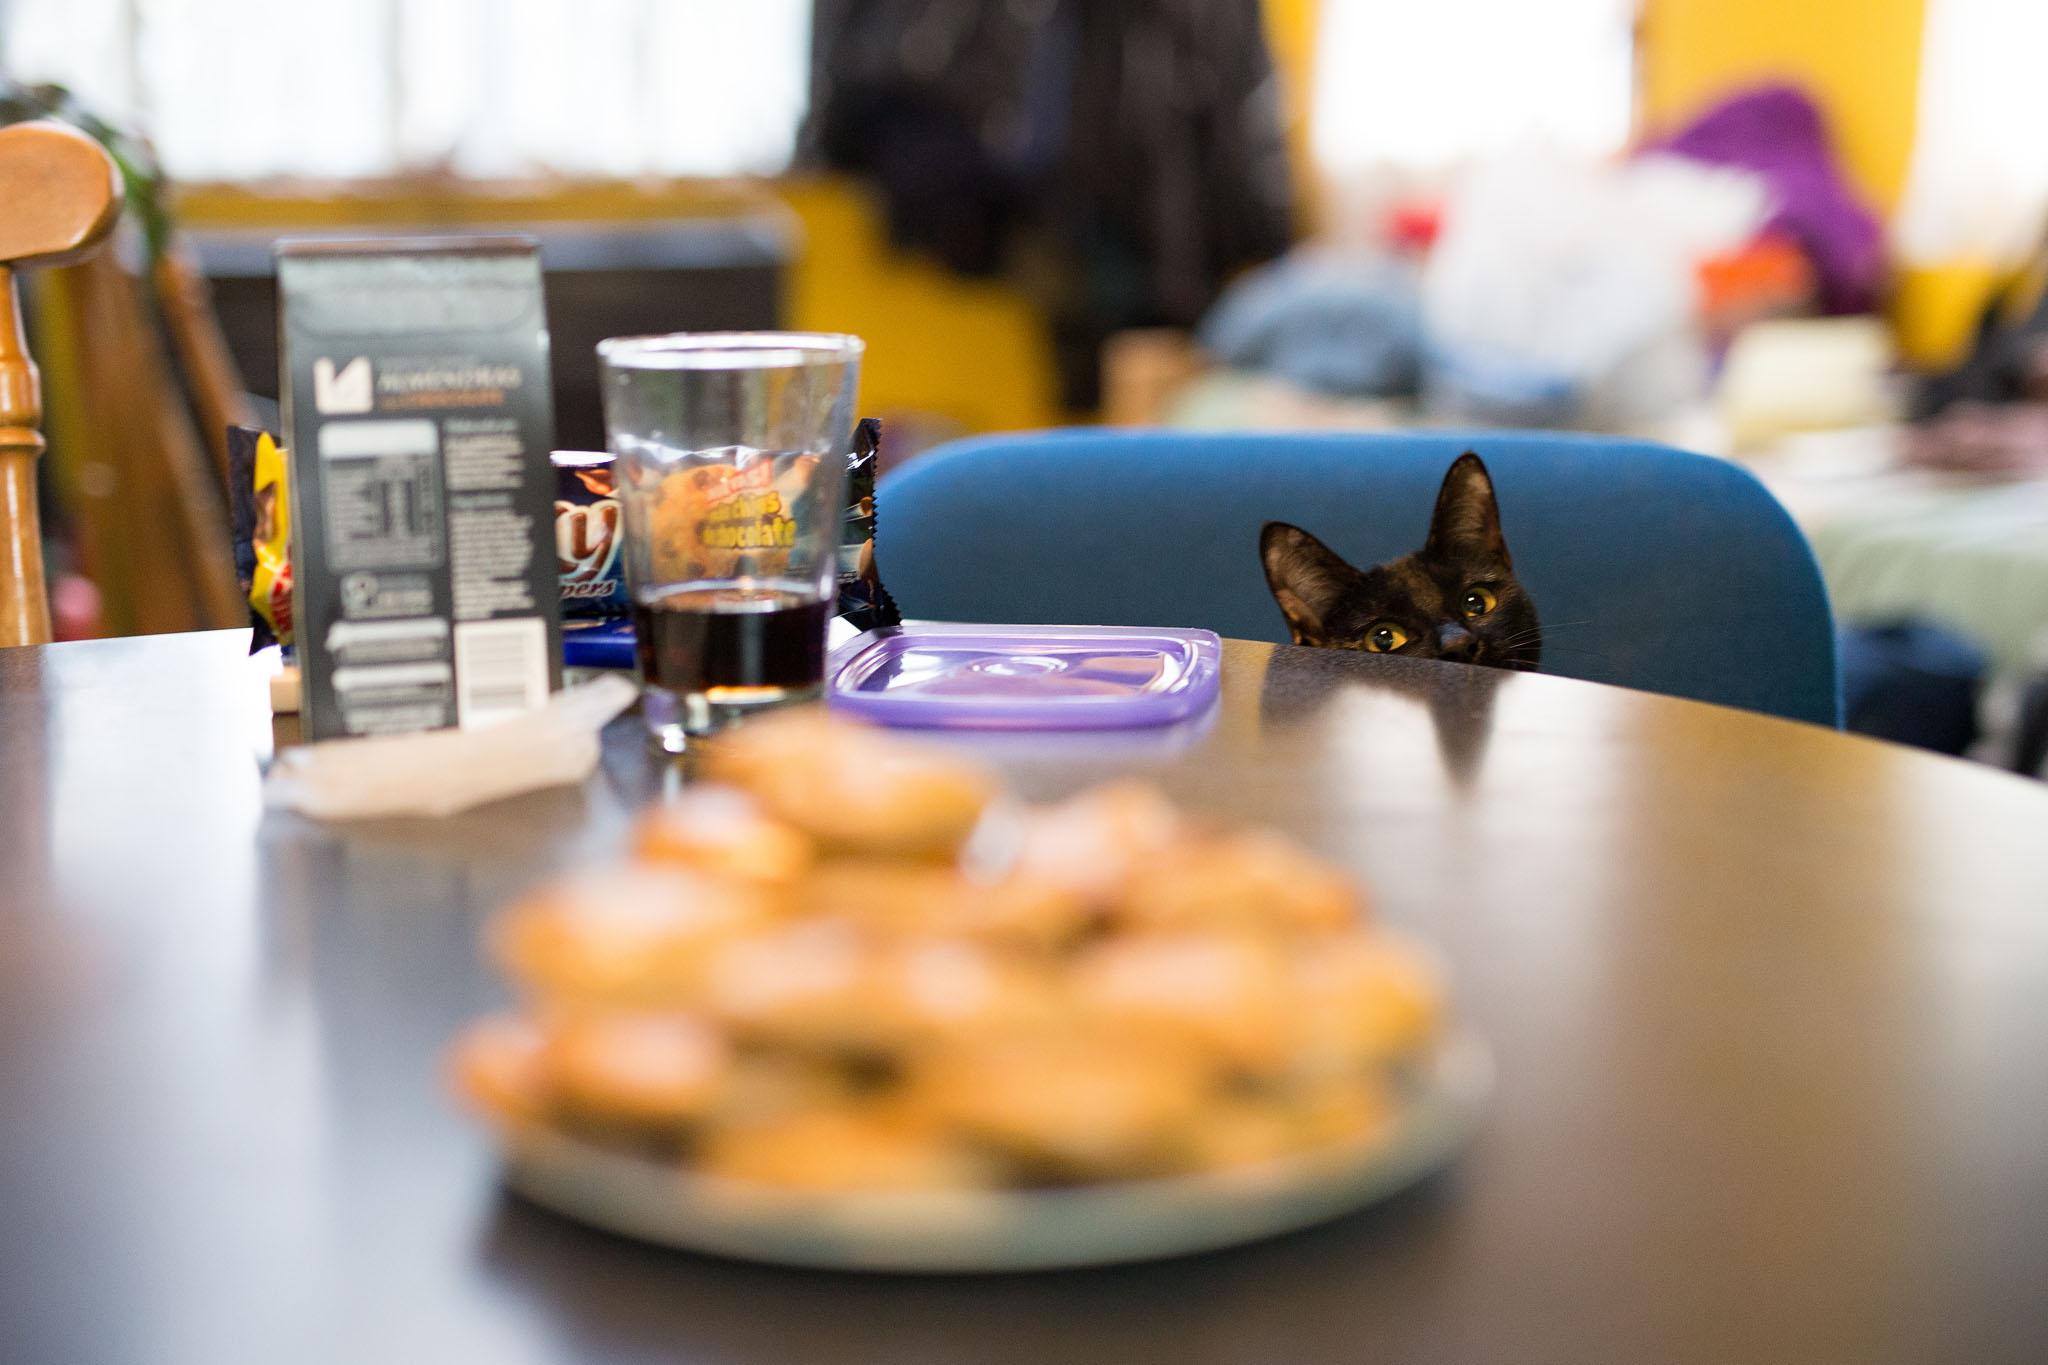 Wedding-travellers-ushuaia-argentina-christmas-baking-black-cat